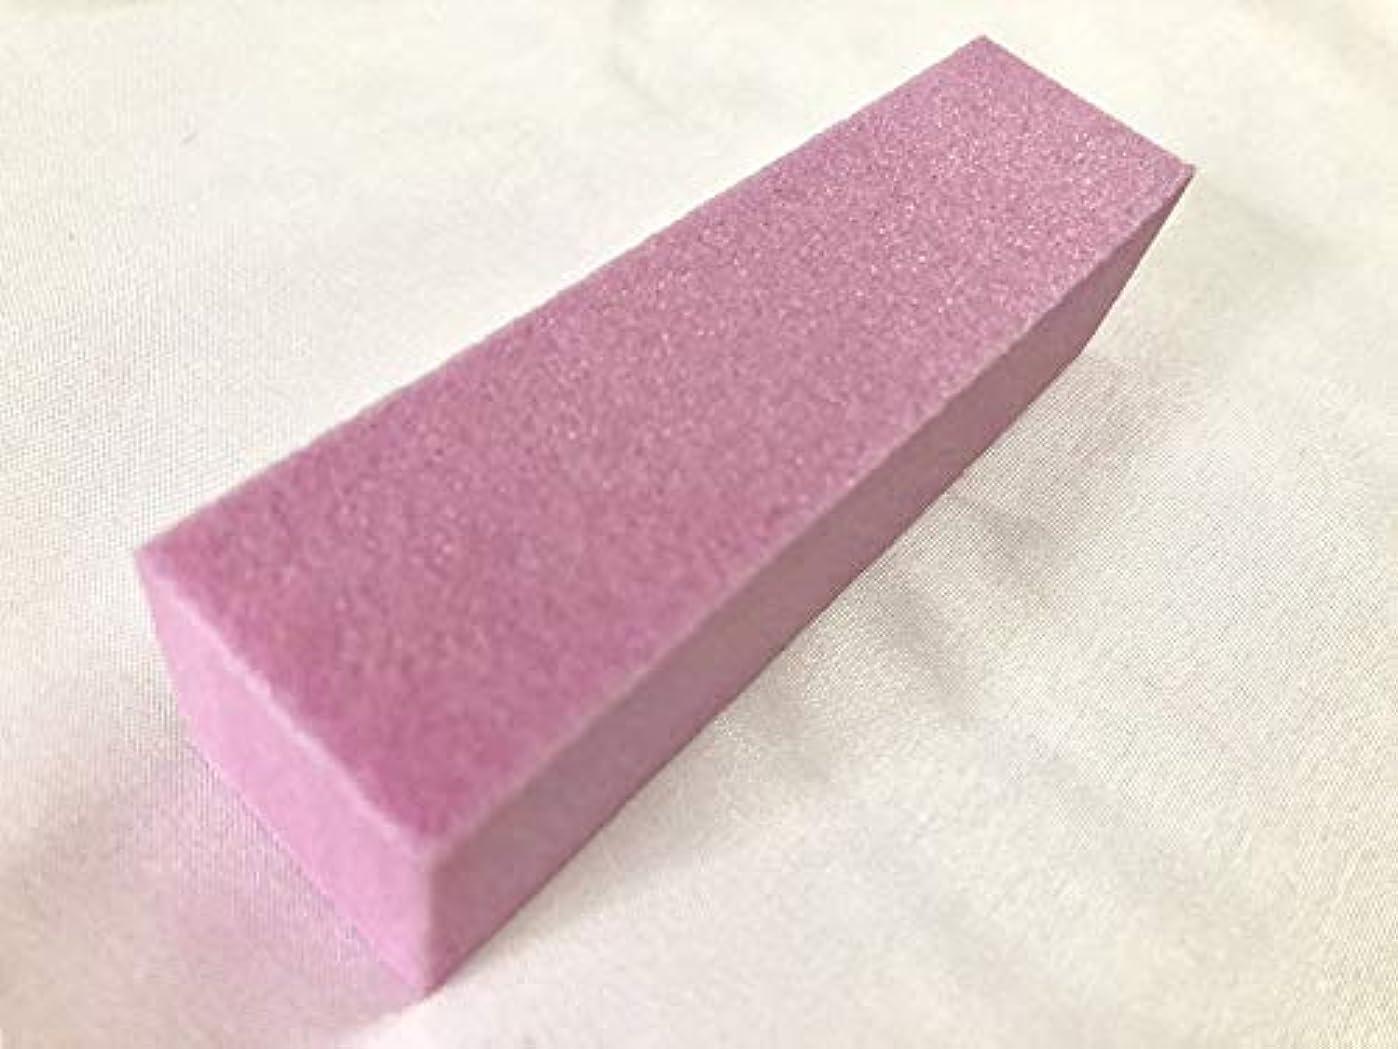 眉舌なママスポンジ ネイル ファイル 4本セット マニュキュア ネイル ジェルネイル カラフルなスポンジやすりです 使用用途: ネイルファイル 角質とり 刃物のやすり